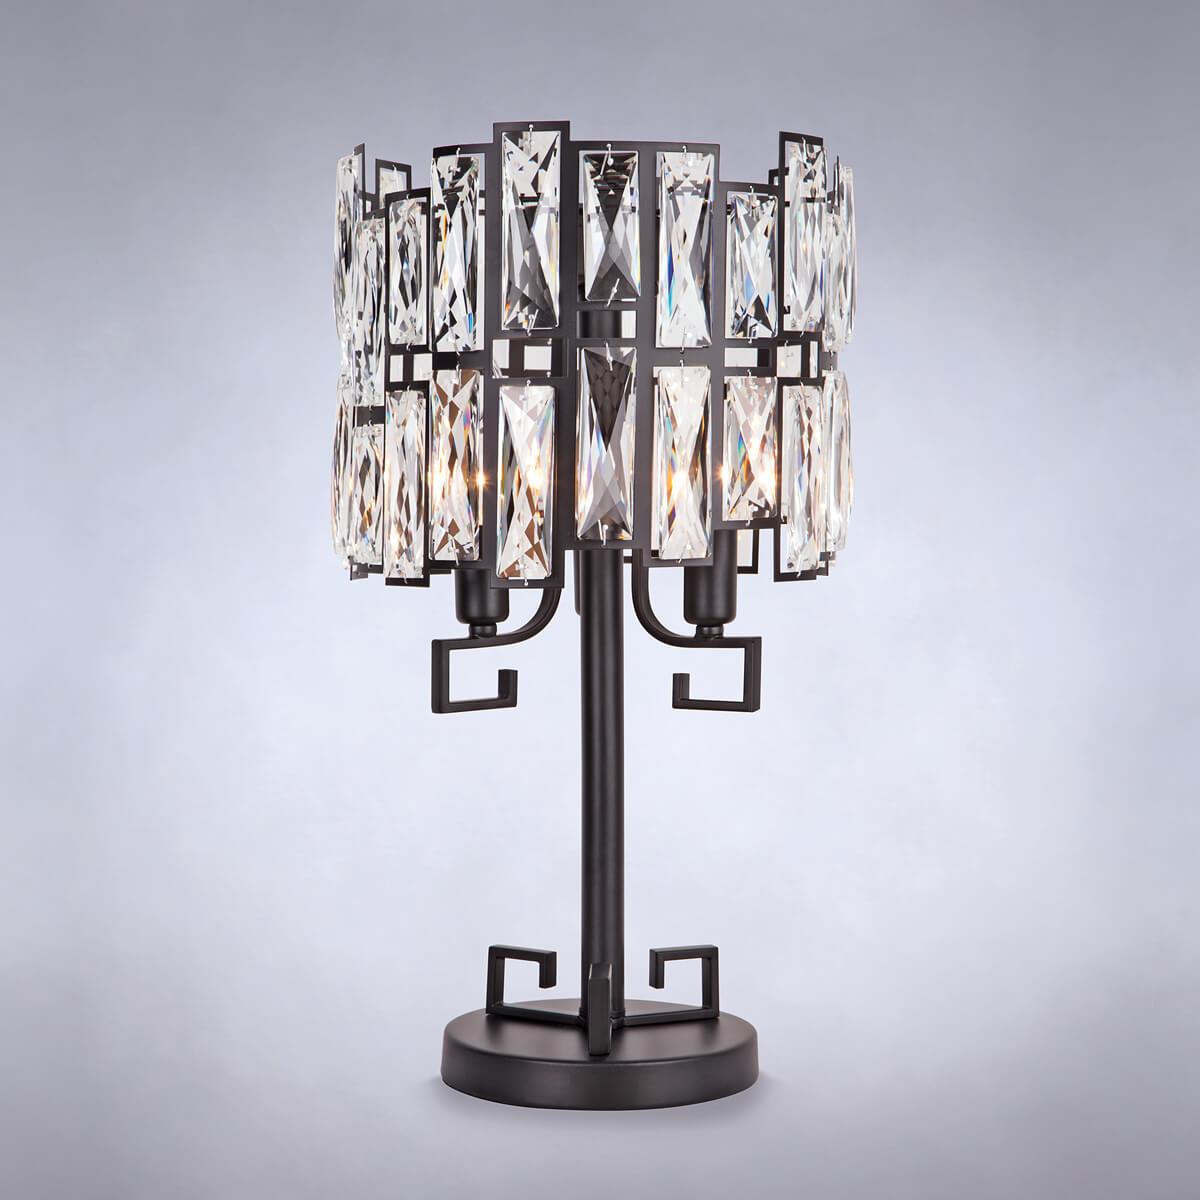 Настольная лампа Bogates Frammenti 01093/3 Strotskis настольная лампа bogates 268 2 strotskis